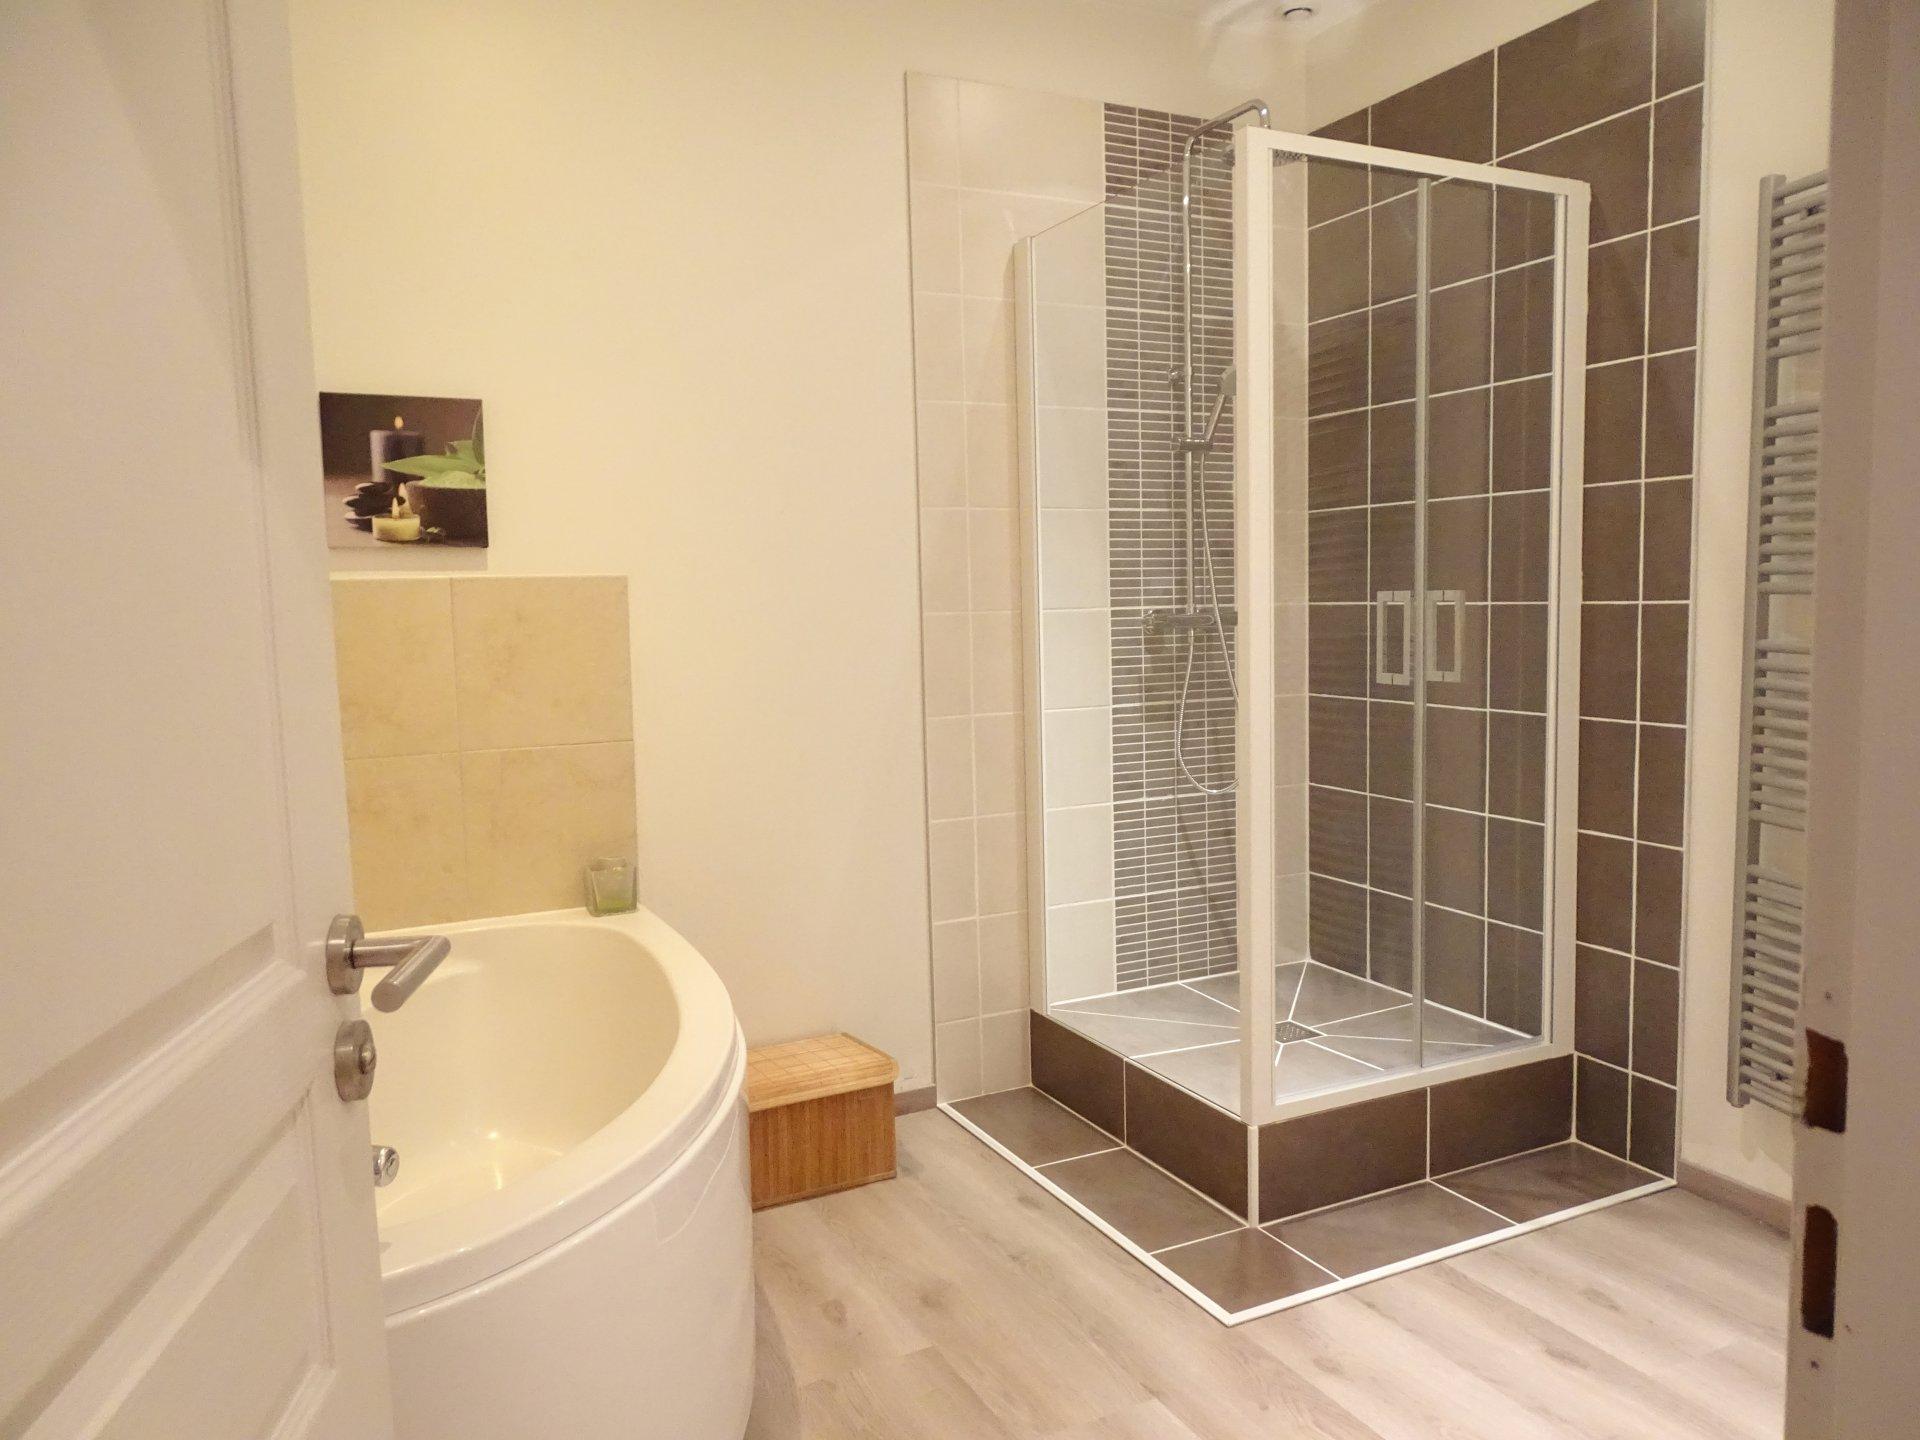 Venez découvrir cet appartement de très bon goût situé au calme absolu dans Mâcon. Le ton est donné dès l'entrée grâce à ce mur en pierre joliment jointé ainsi qu'avec ce beau parquet massif. Le séjour incluant la cuisine équipée jouit d'une surface approchant les 50 m² et dessert deux chambres ainsi qu'un dressing (pouvant faire une 3e chambre). Salle de bains avec baignoire et douche. Aucun vis à vis.  Chauffage au gaz avec chaudière à condensation. Double vitrage. Possibilité de louer une place de parking. A voir sans tarder.  Copropriété de 6 lots. Charges courantes annuelles de 439 ?. Honoraires à la charge des vendeurs.